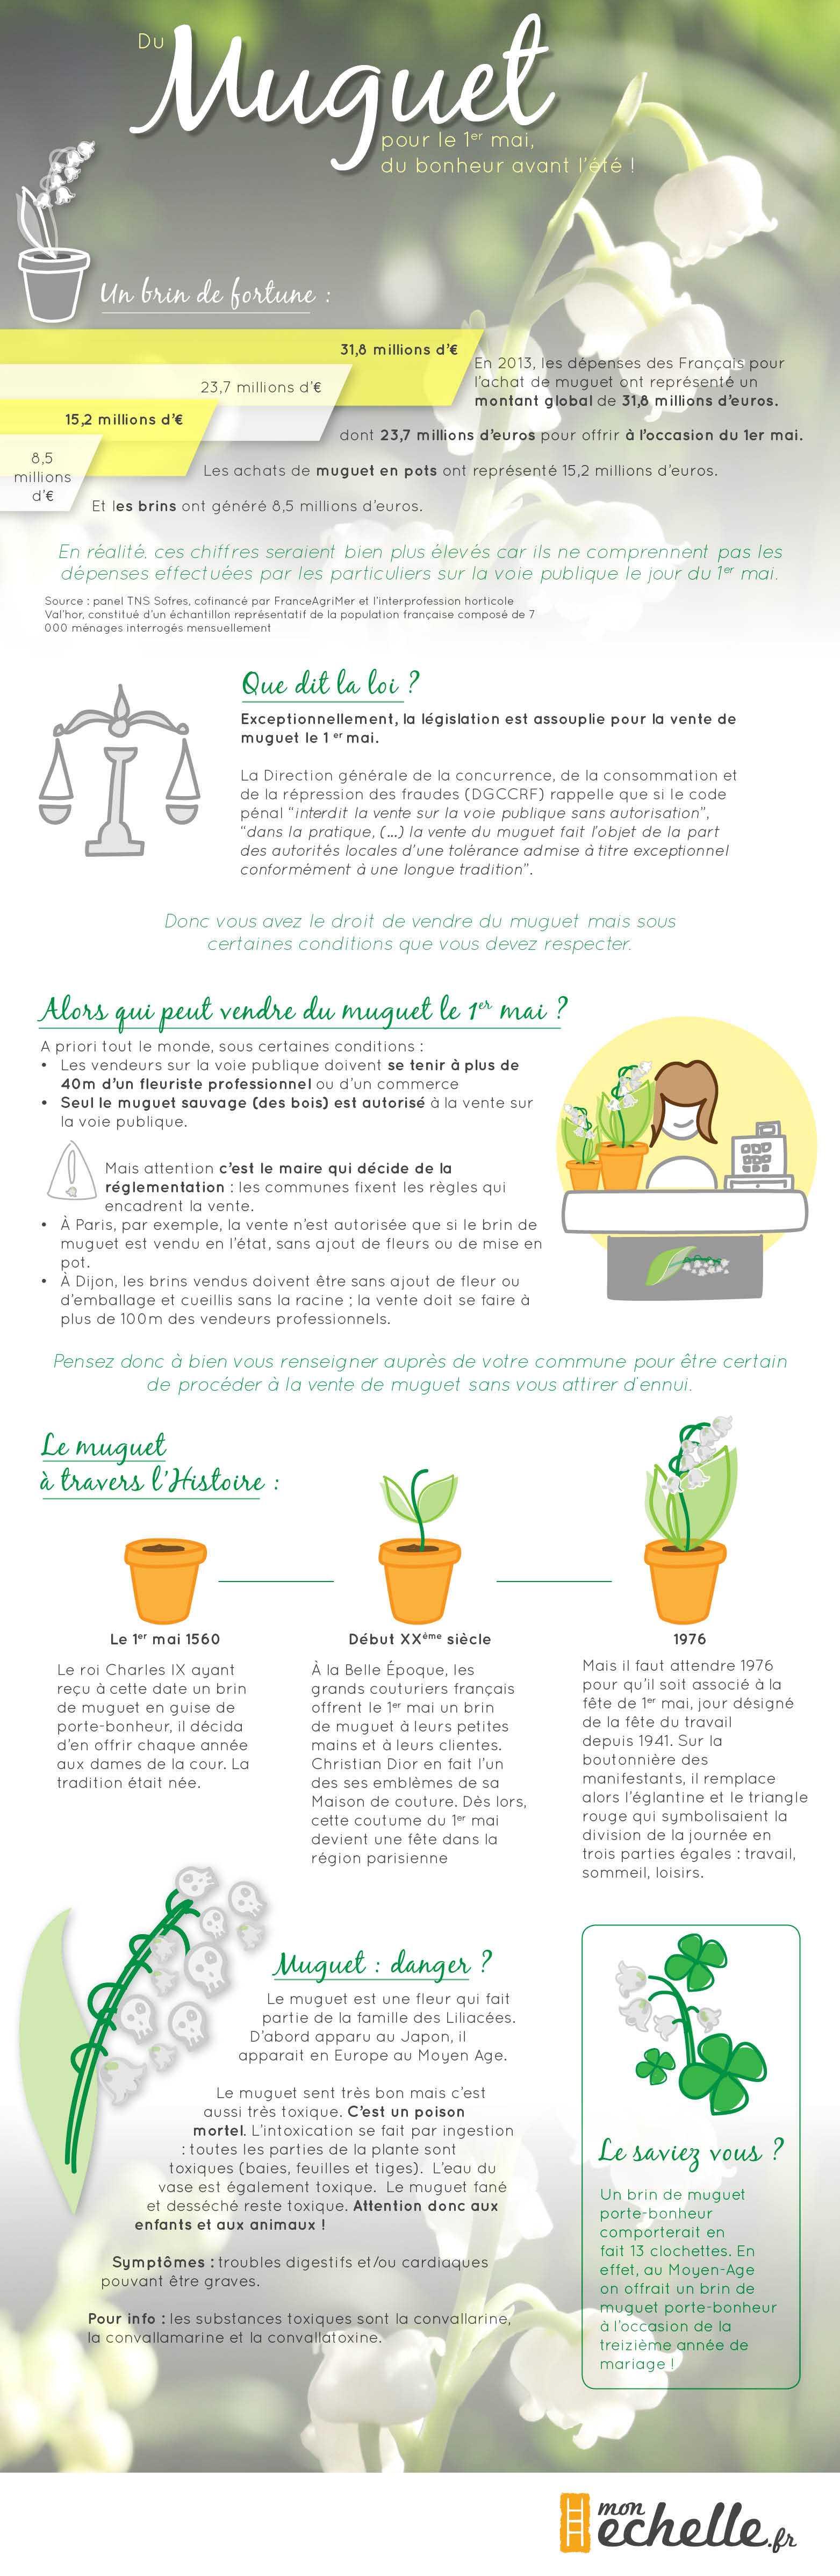 Muguet infographie